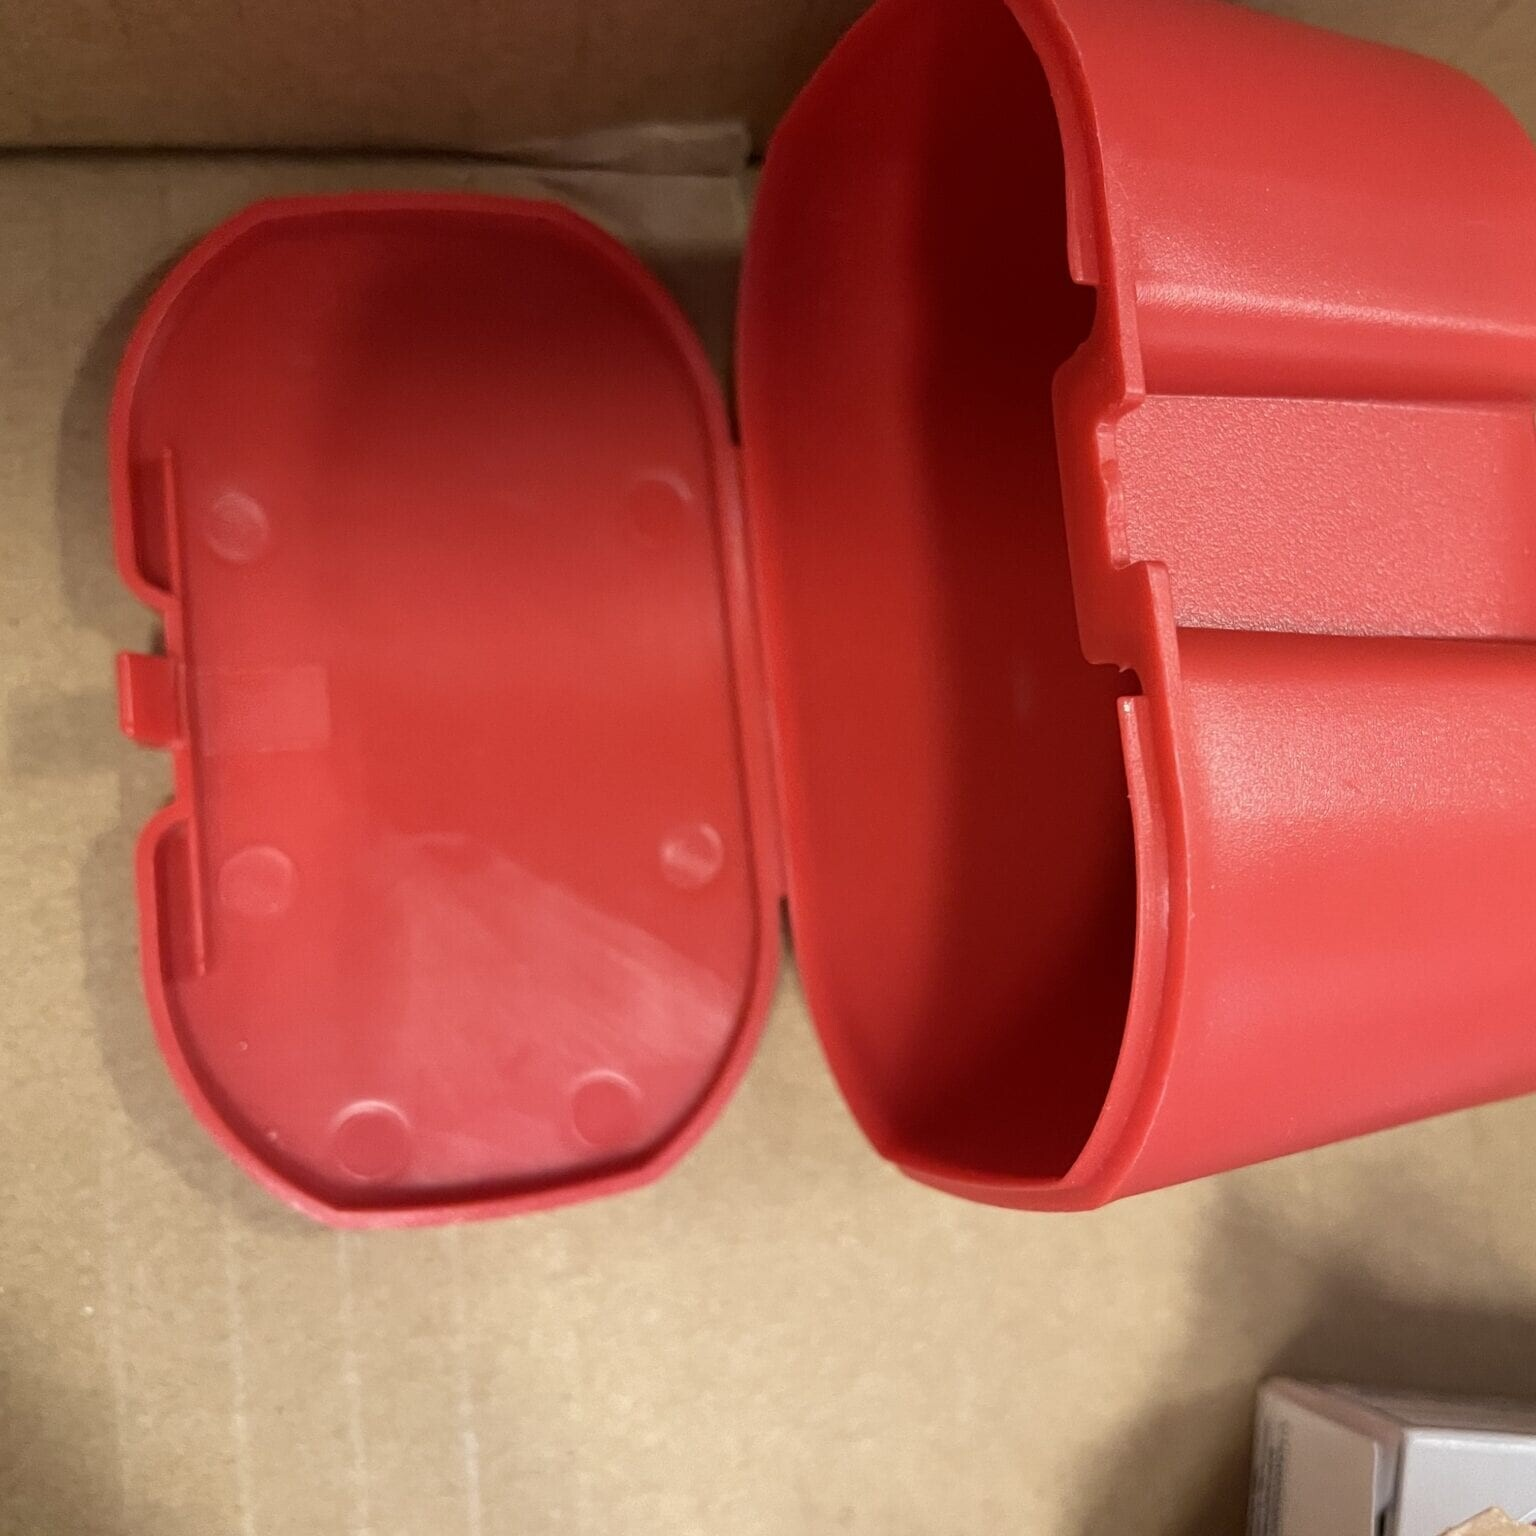 plastic tub on its side